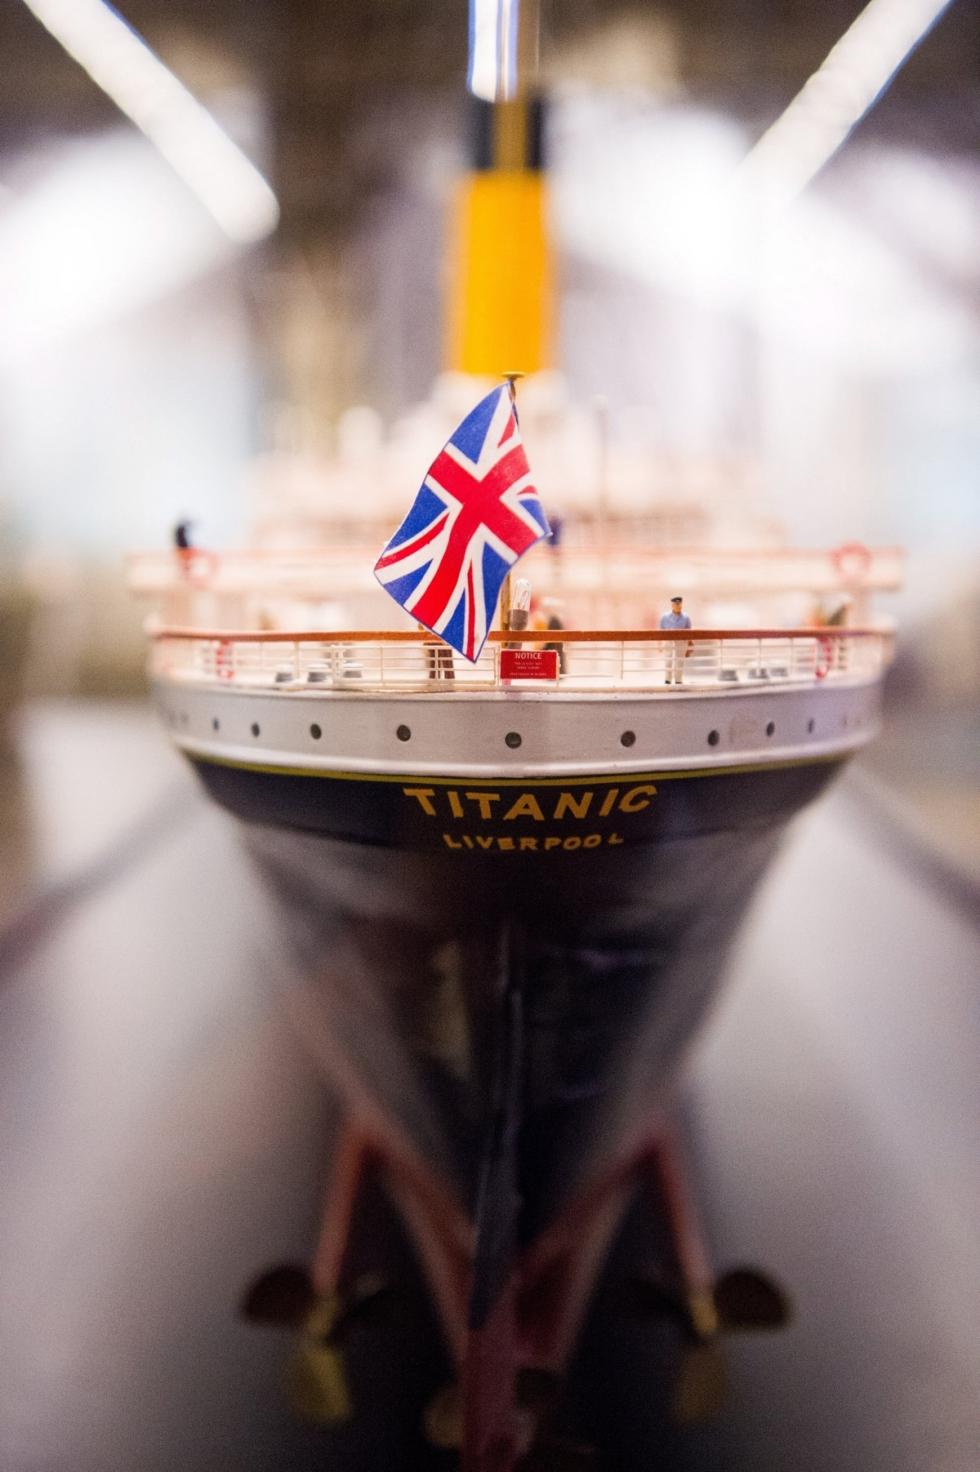 Titanic-kiállítás Budapesten